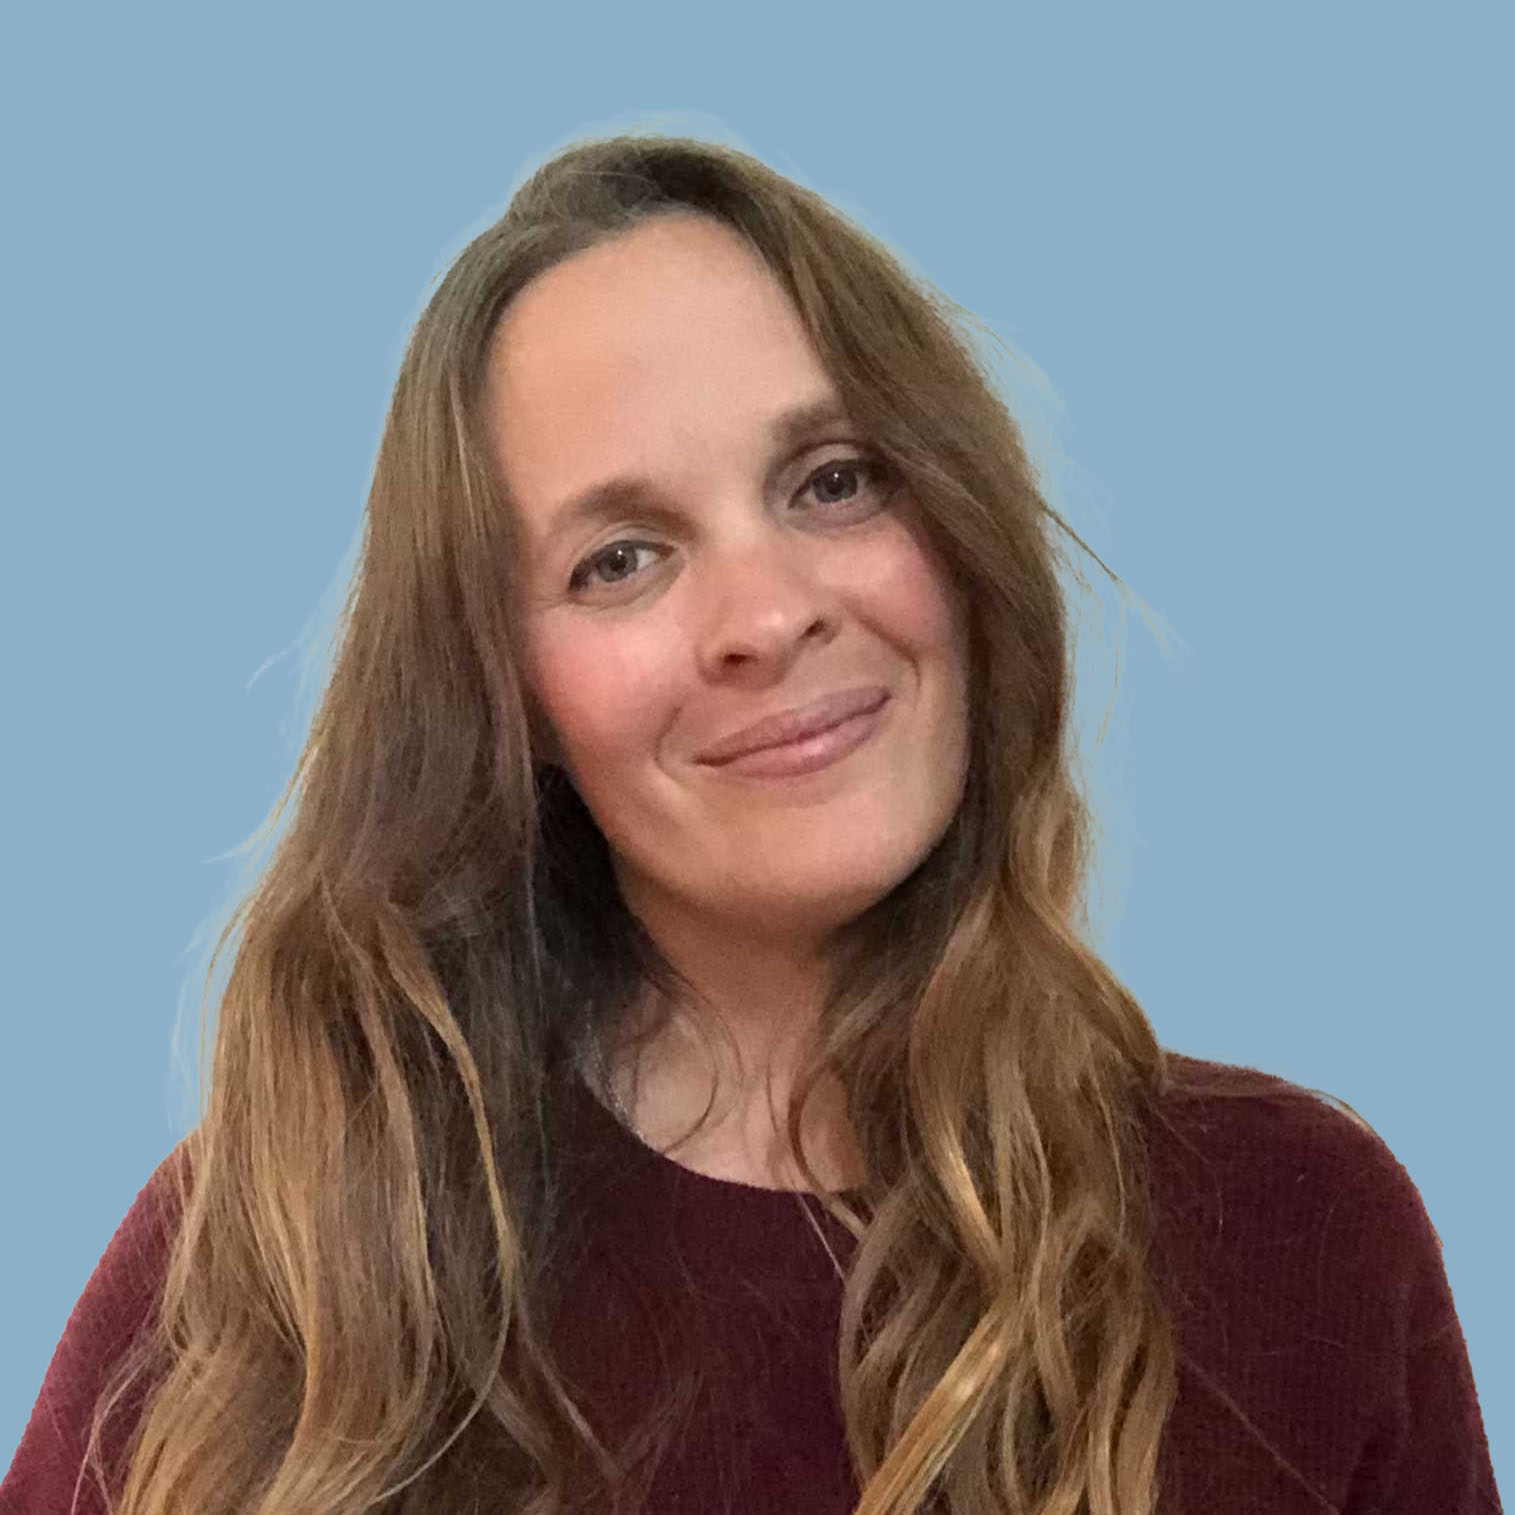 Leah Dahl